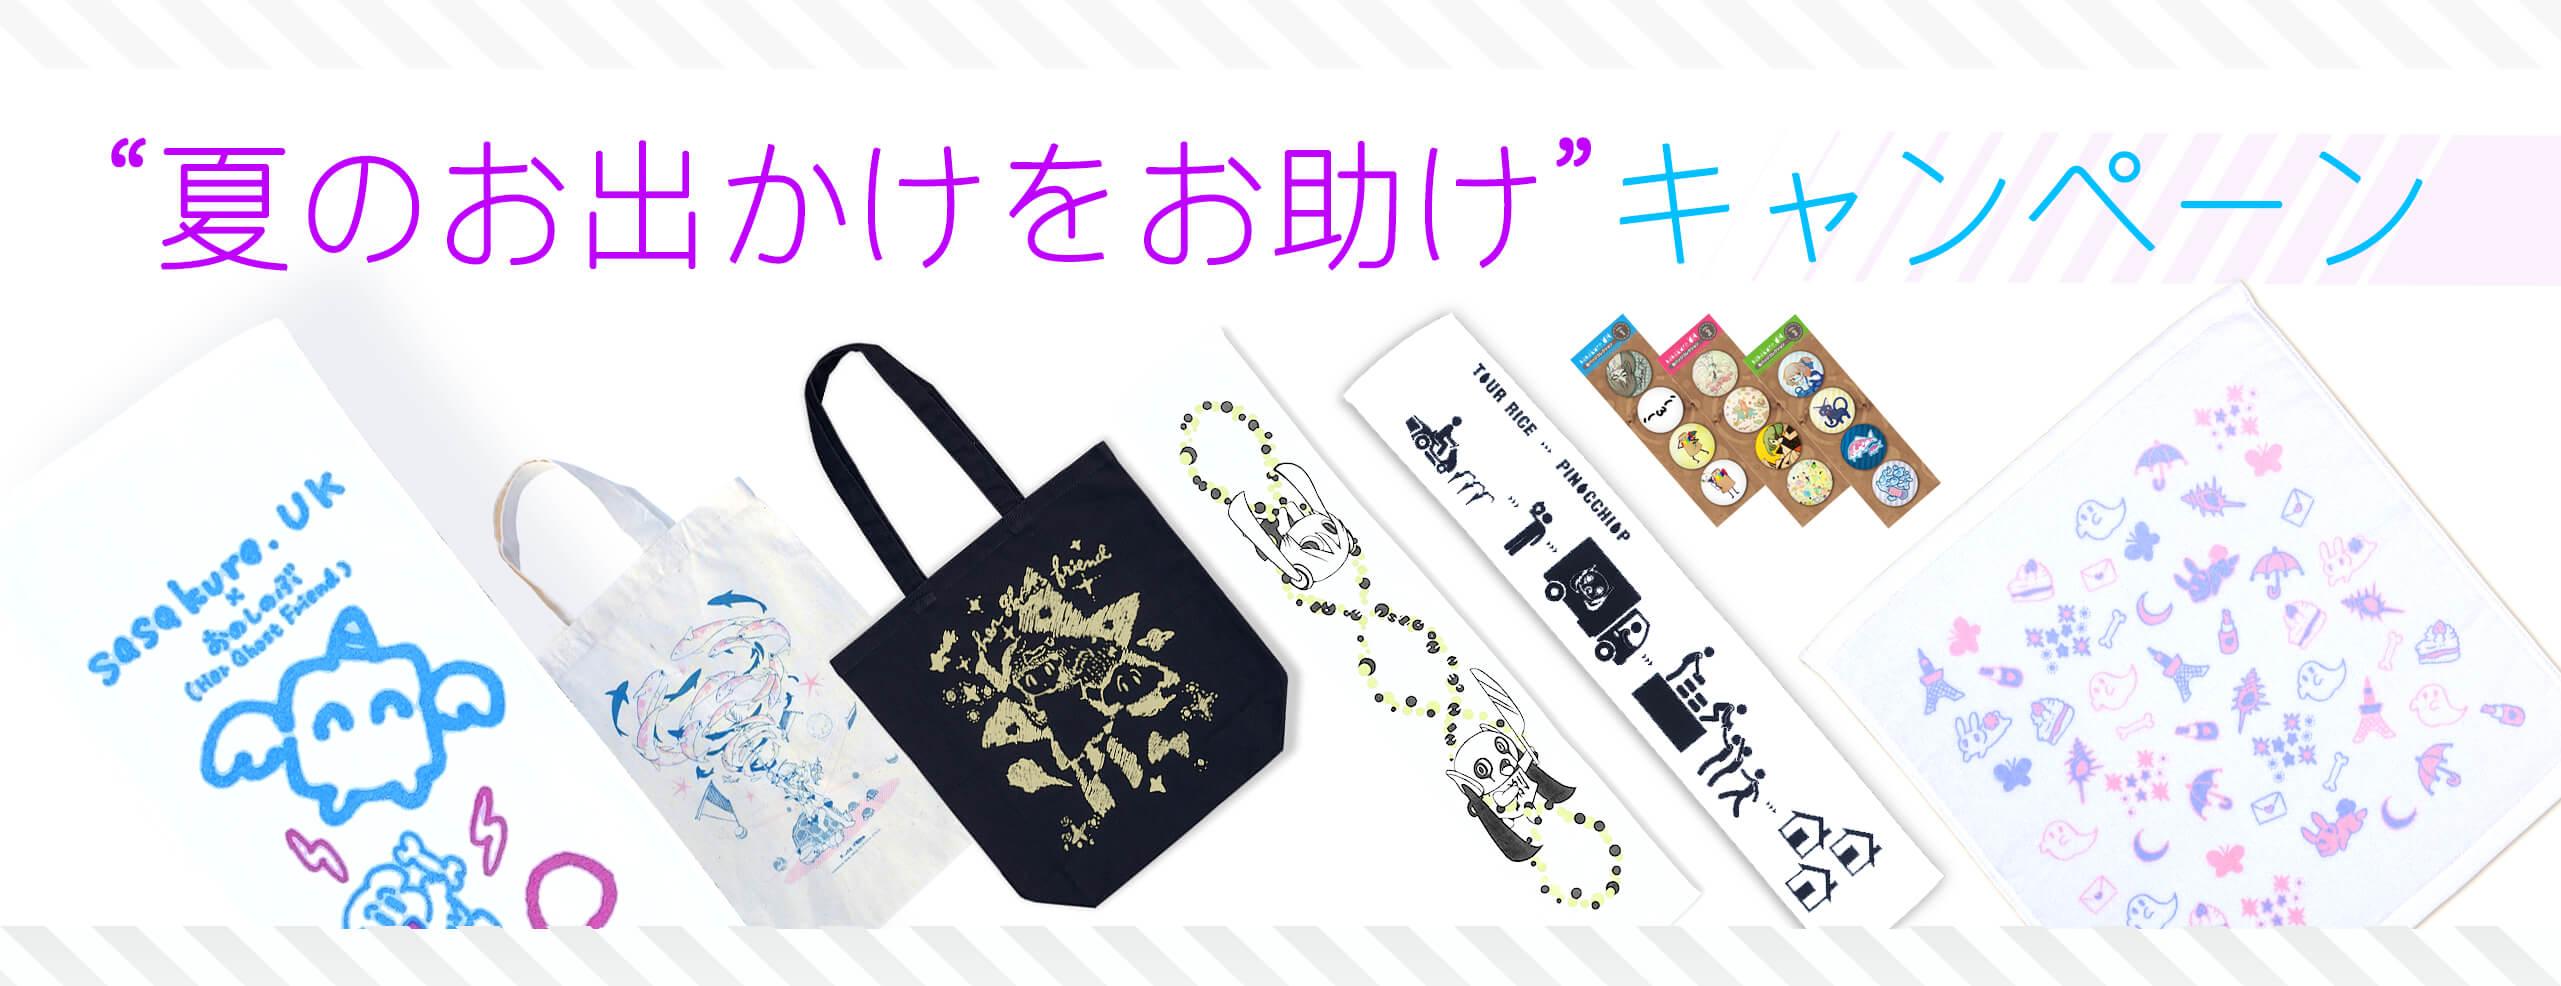 """【8/25〜9/29】""""夏のお出かけをお助け""""キャンペーン"""